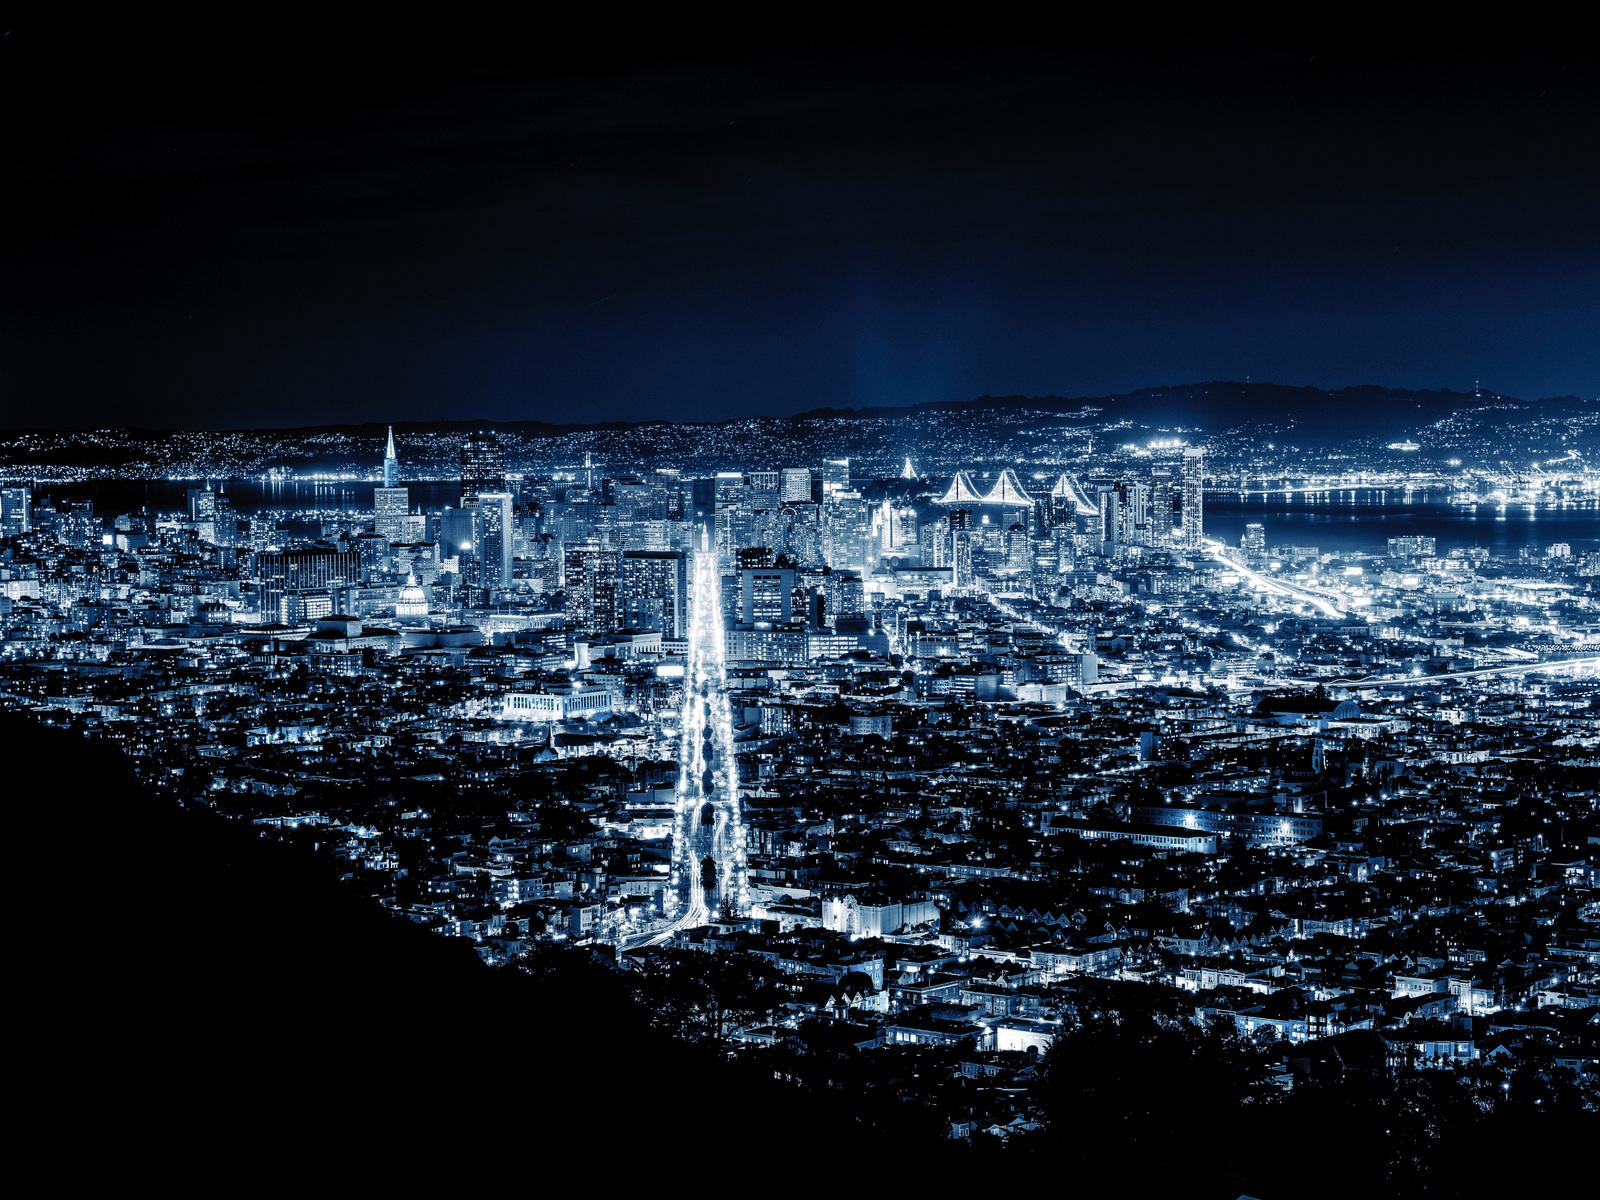 san-francisco-night-8k-qf.jpg